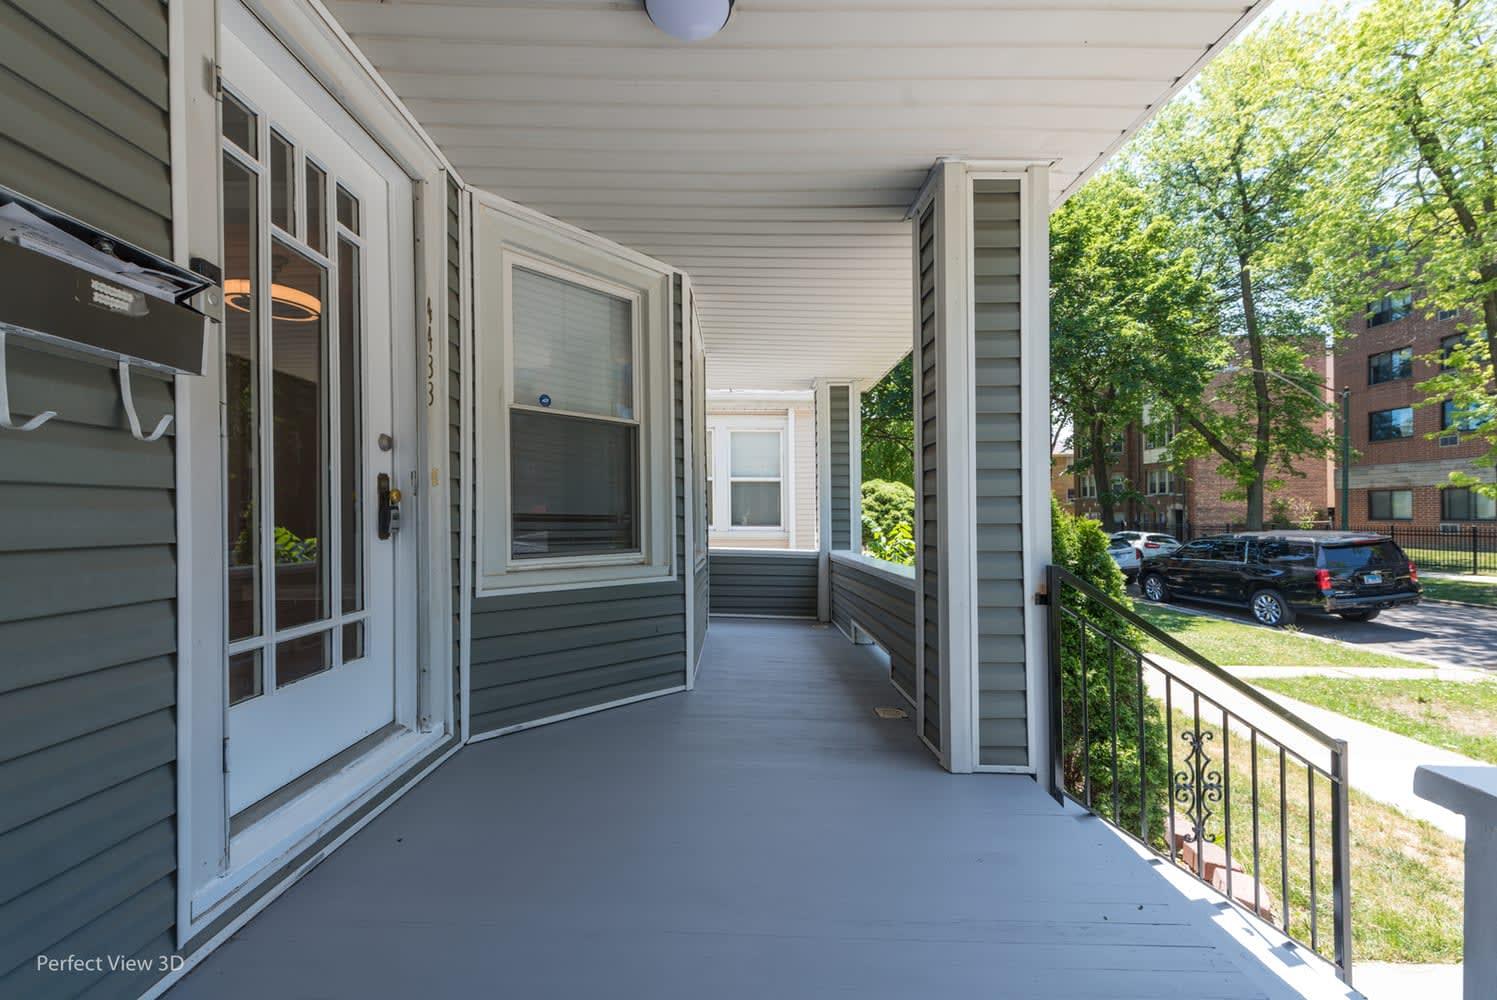 4433 N Harding Ave photo